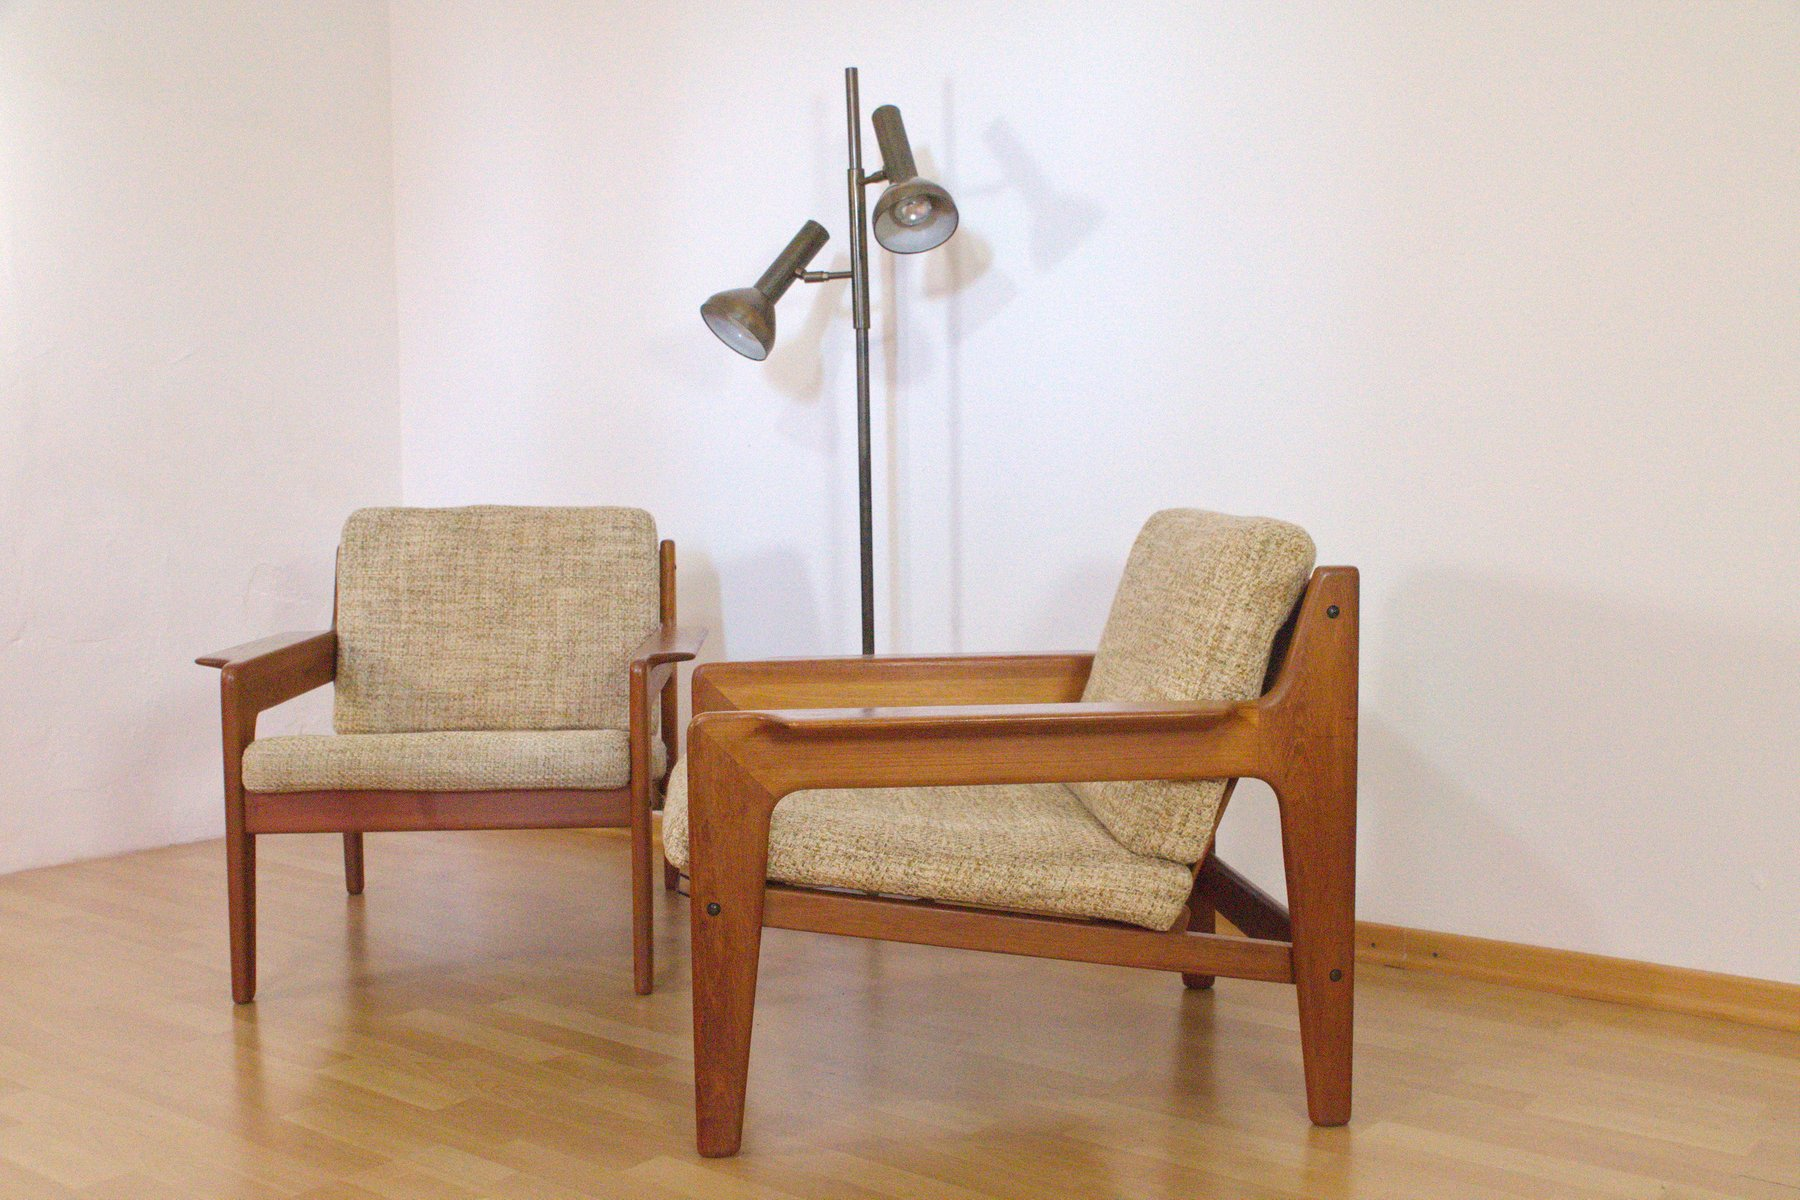 Ganz und zu Extrem Dänische Teak Sessel von Arne Wahl Iversen für Komfort, 1960er #TN_18